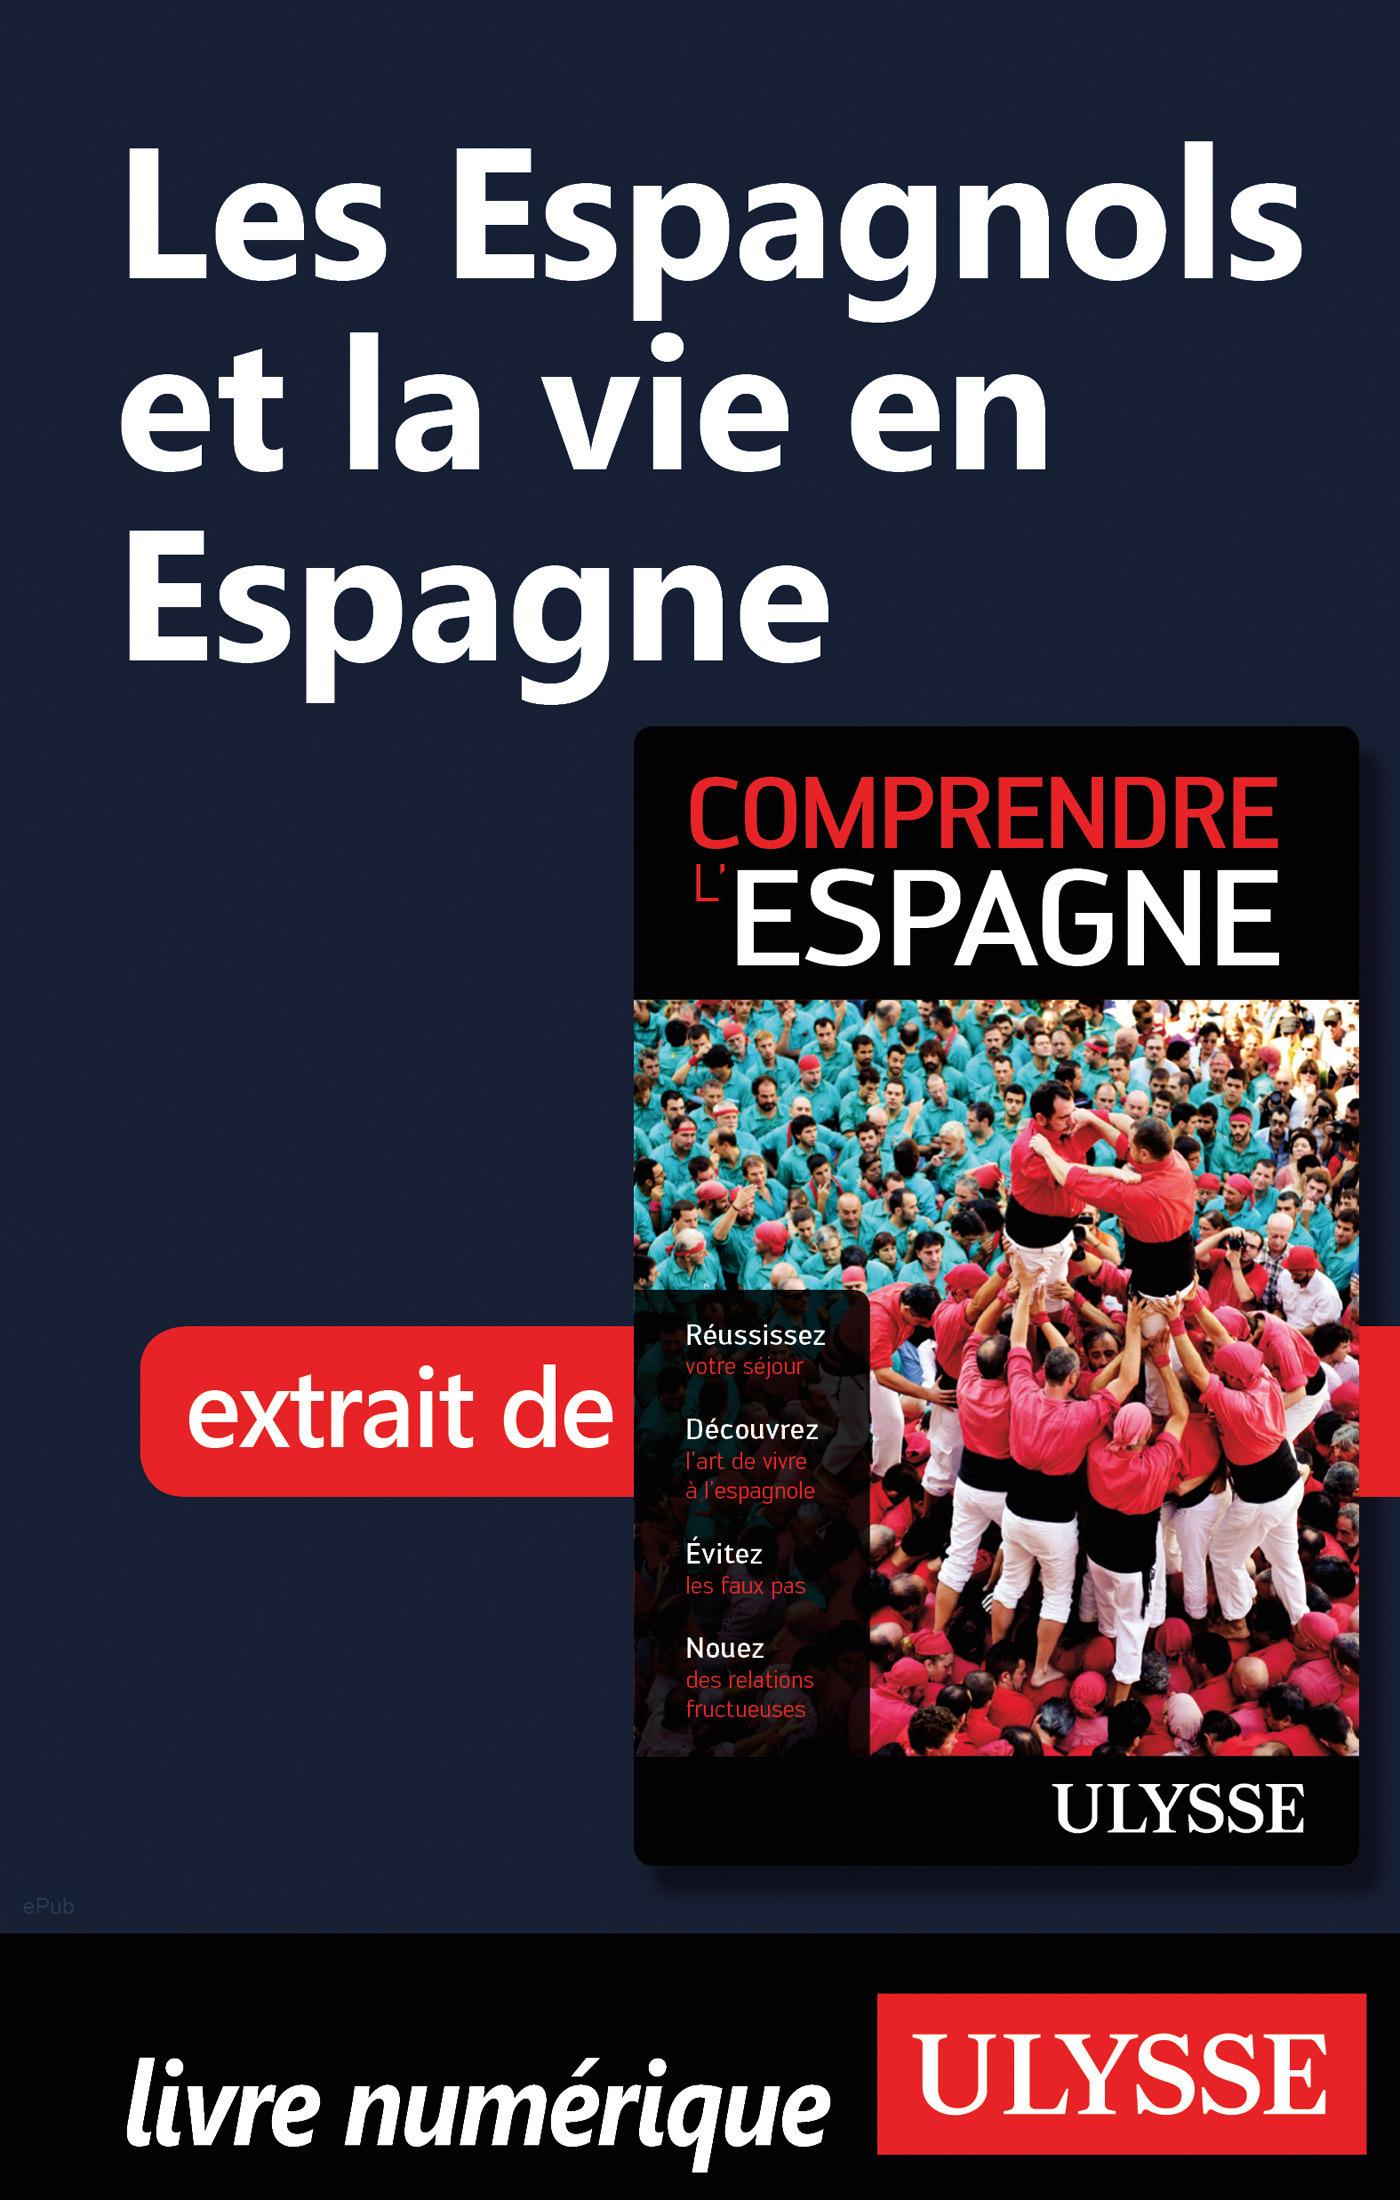 Les Espagnols et la vie en Espagne